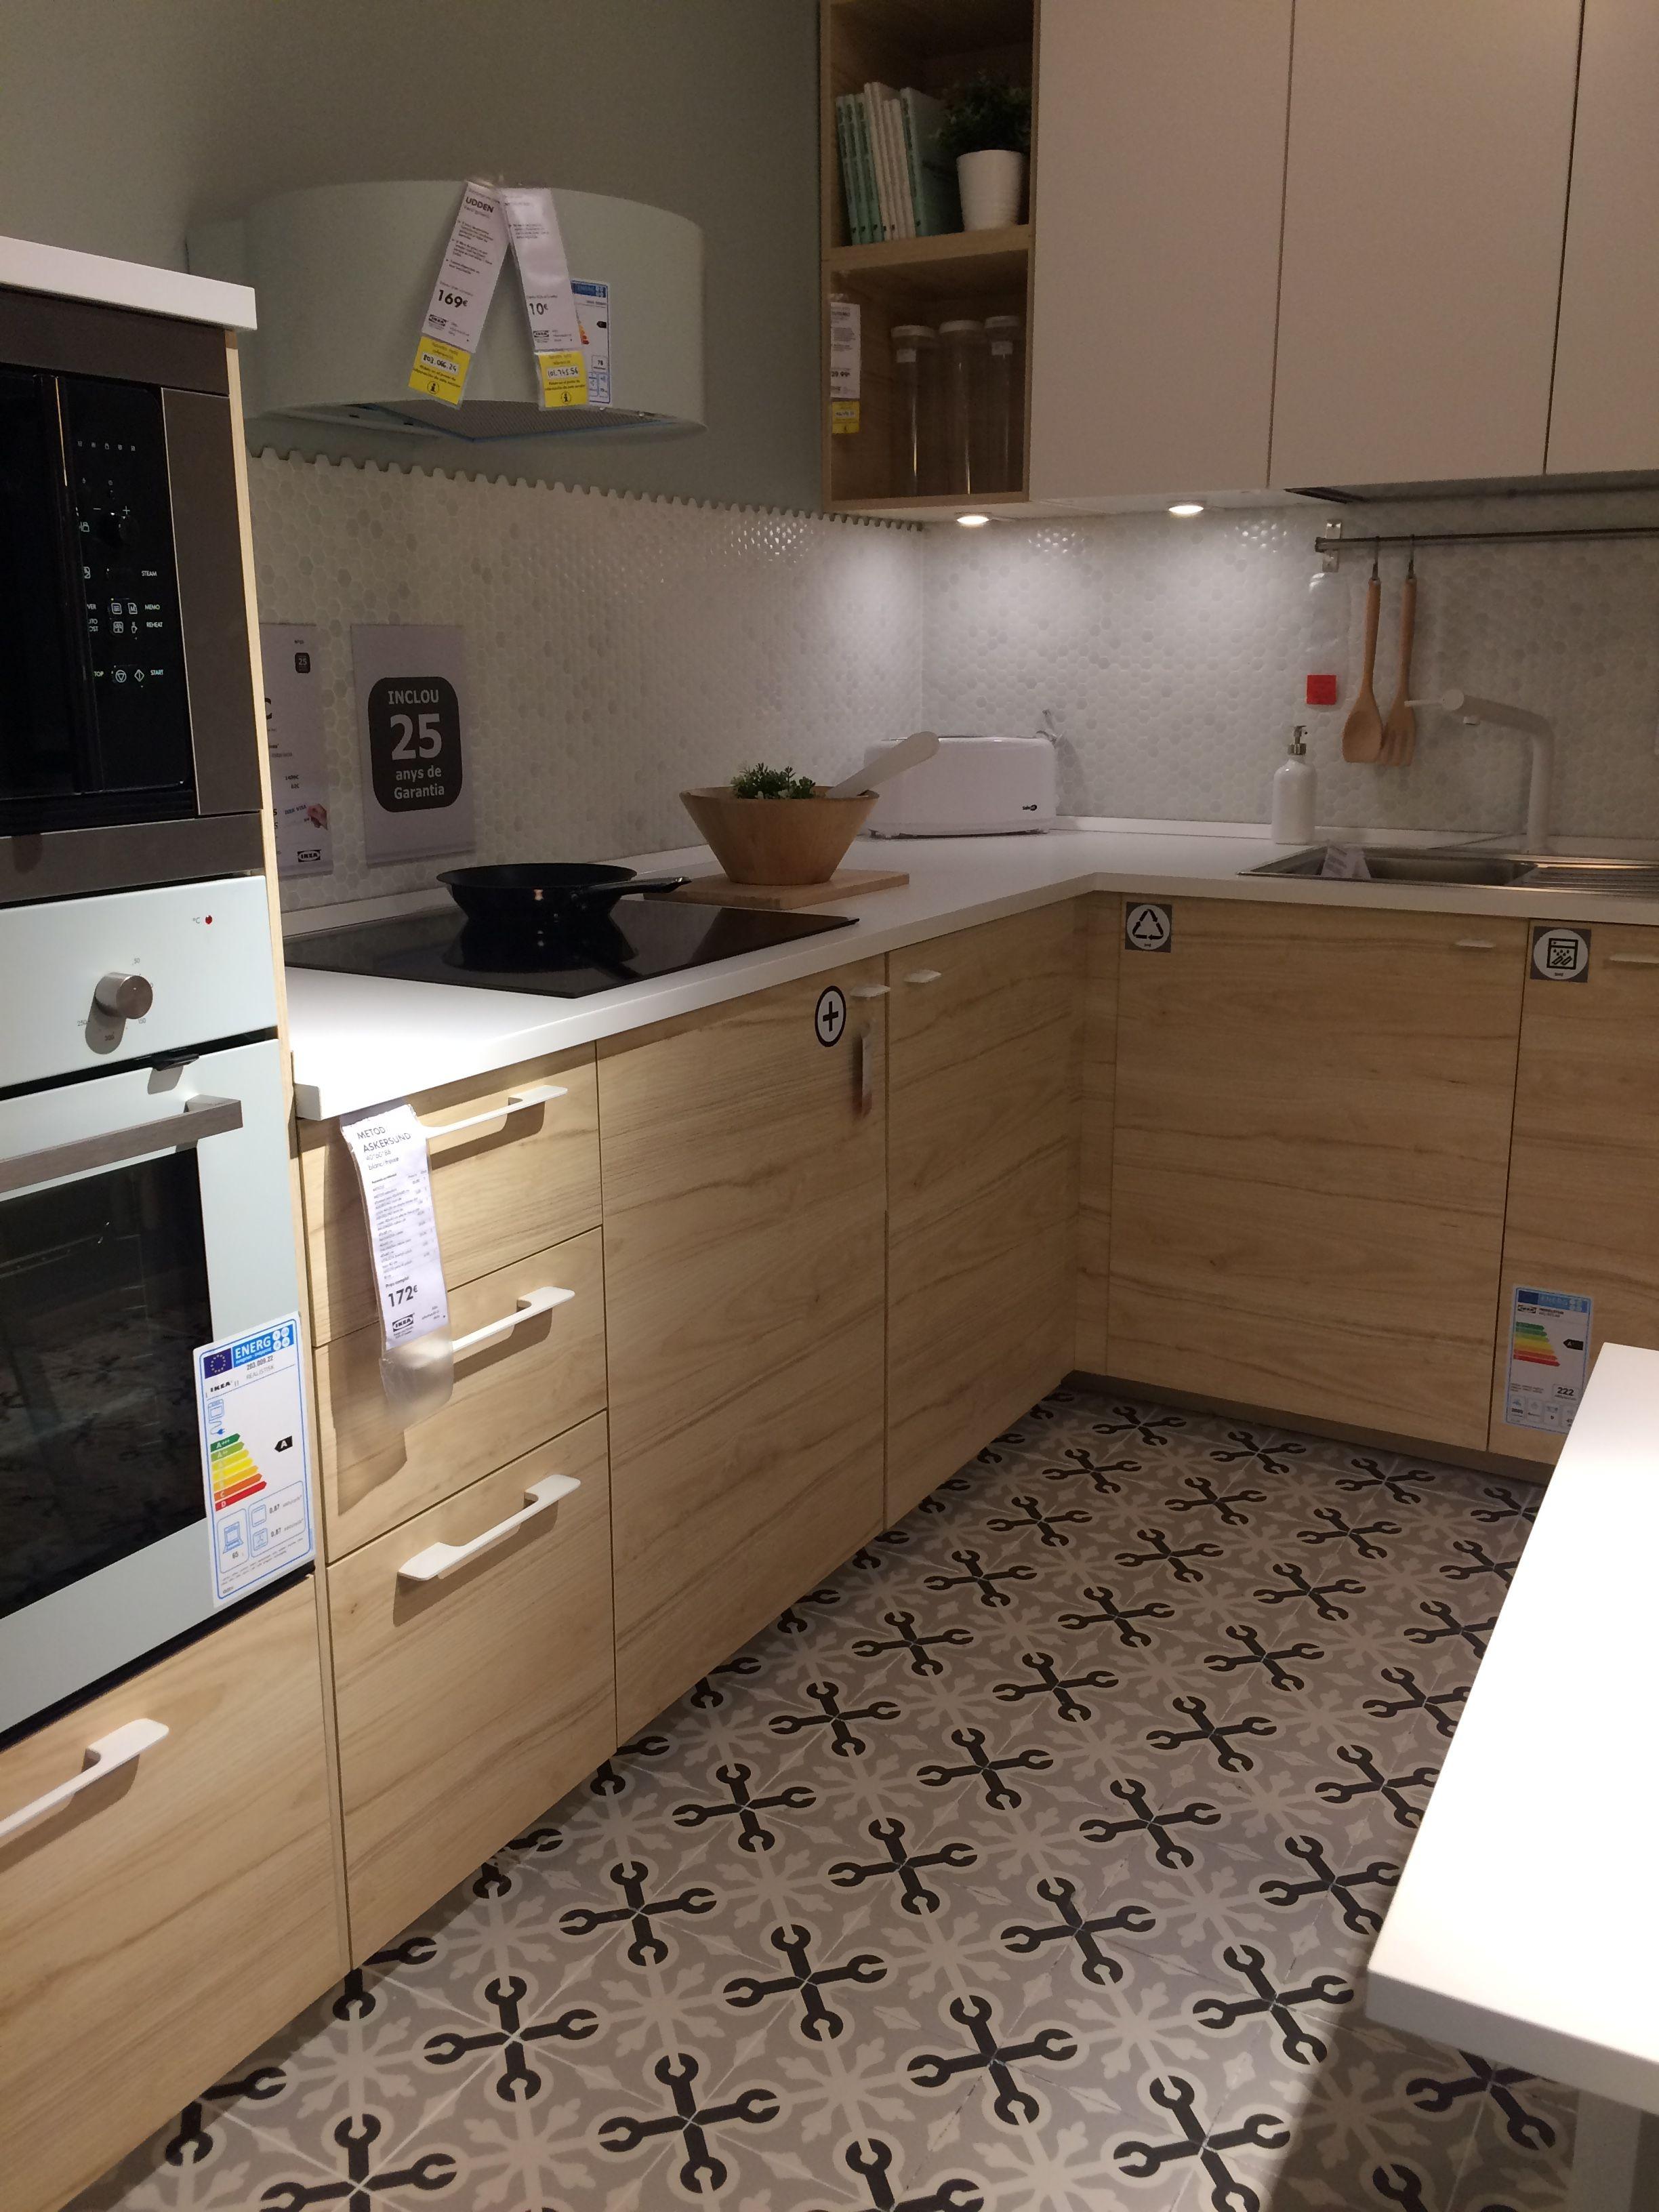 Kuchnia Drewniane Fronty Vives Na Podlodze Wzor Cuisine Ikea Ceramique Cuisine Idee Cuisine